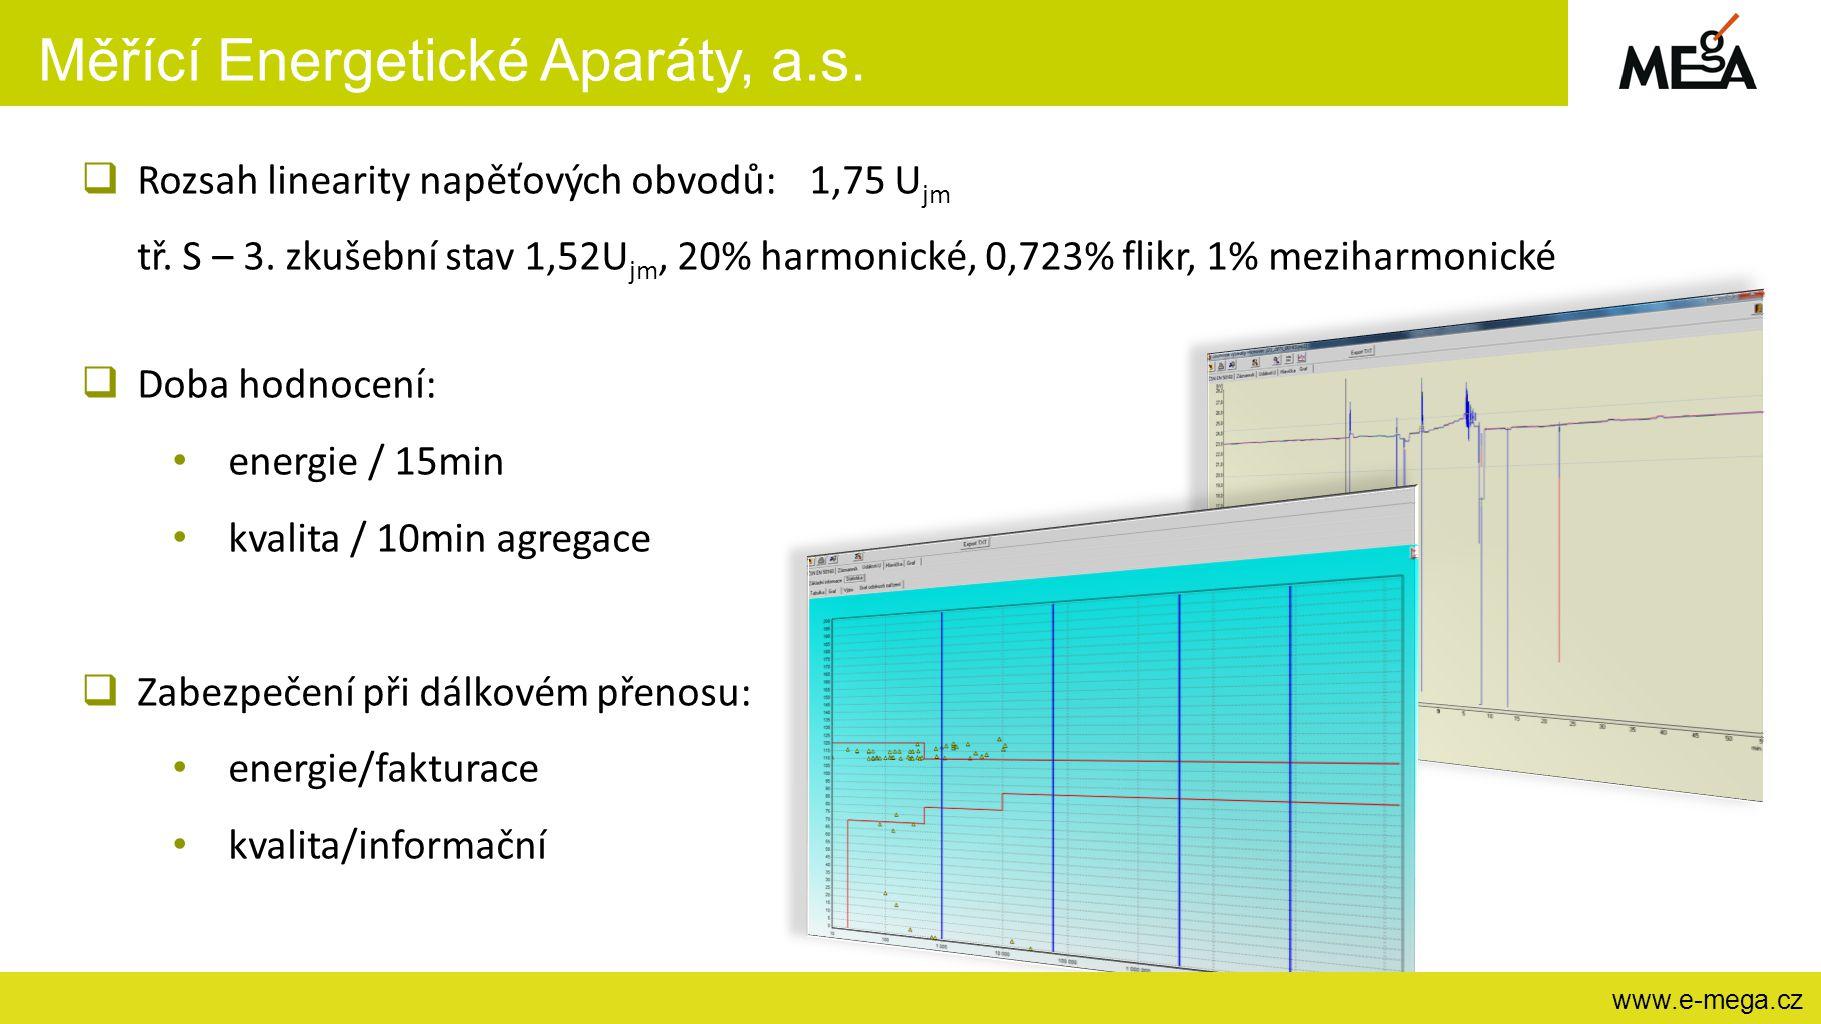 Měřící Energetické Aparáty, a.s. www.e-mega.cz  Rozsah linearity napěťových obvodů: 1,75 U jm tř. S – 3. zkušební stav 1,52U jm, 20% harmonické, 0,72